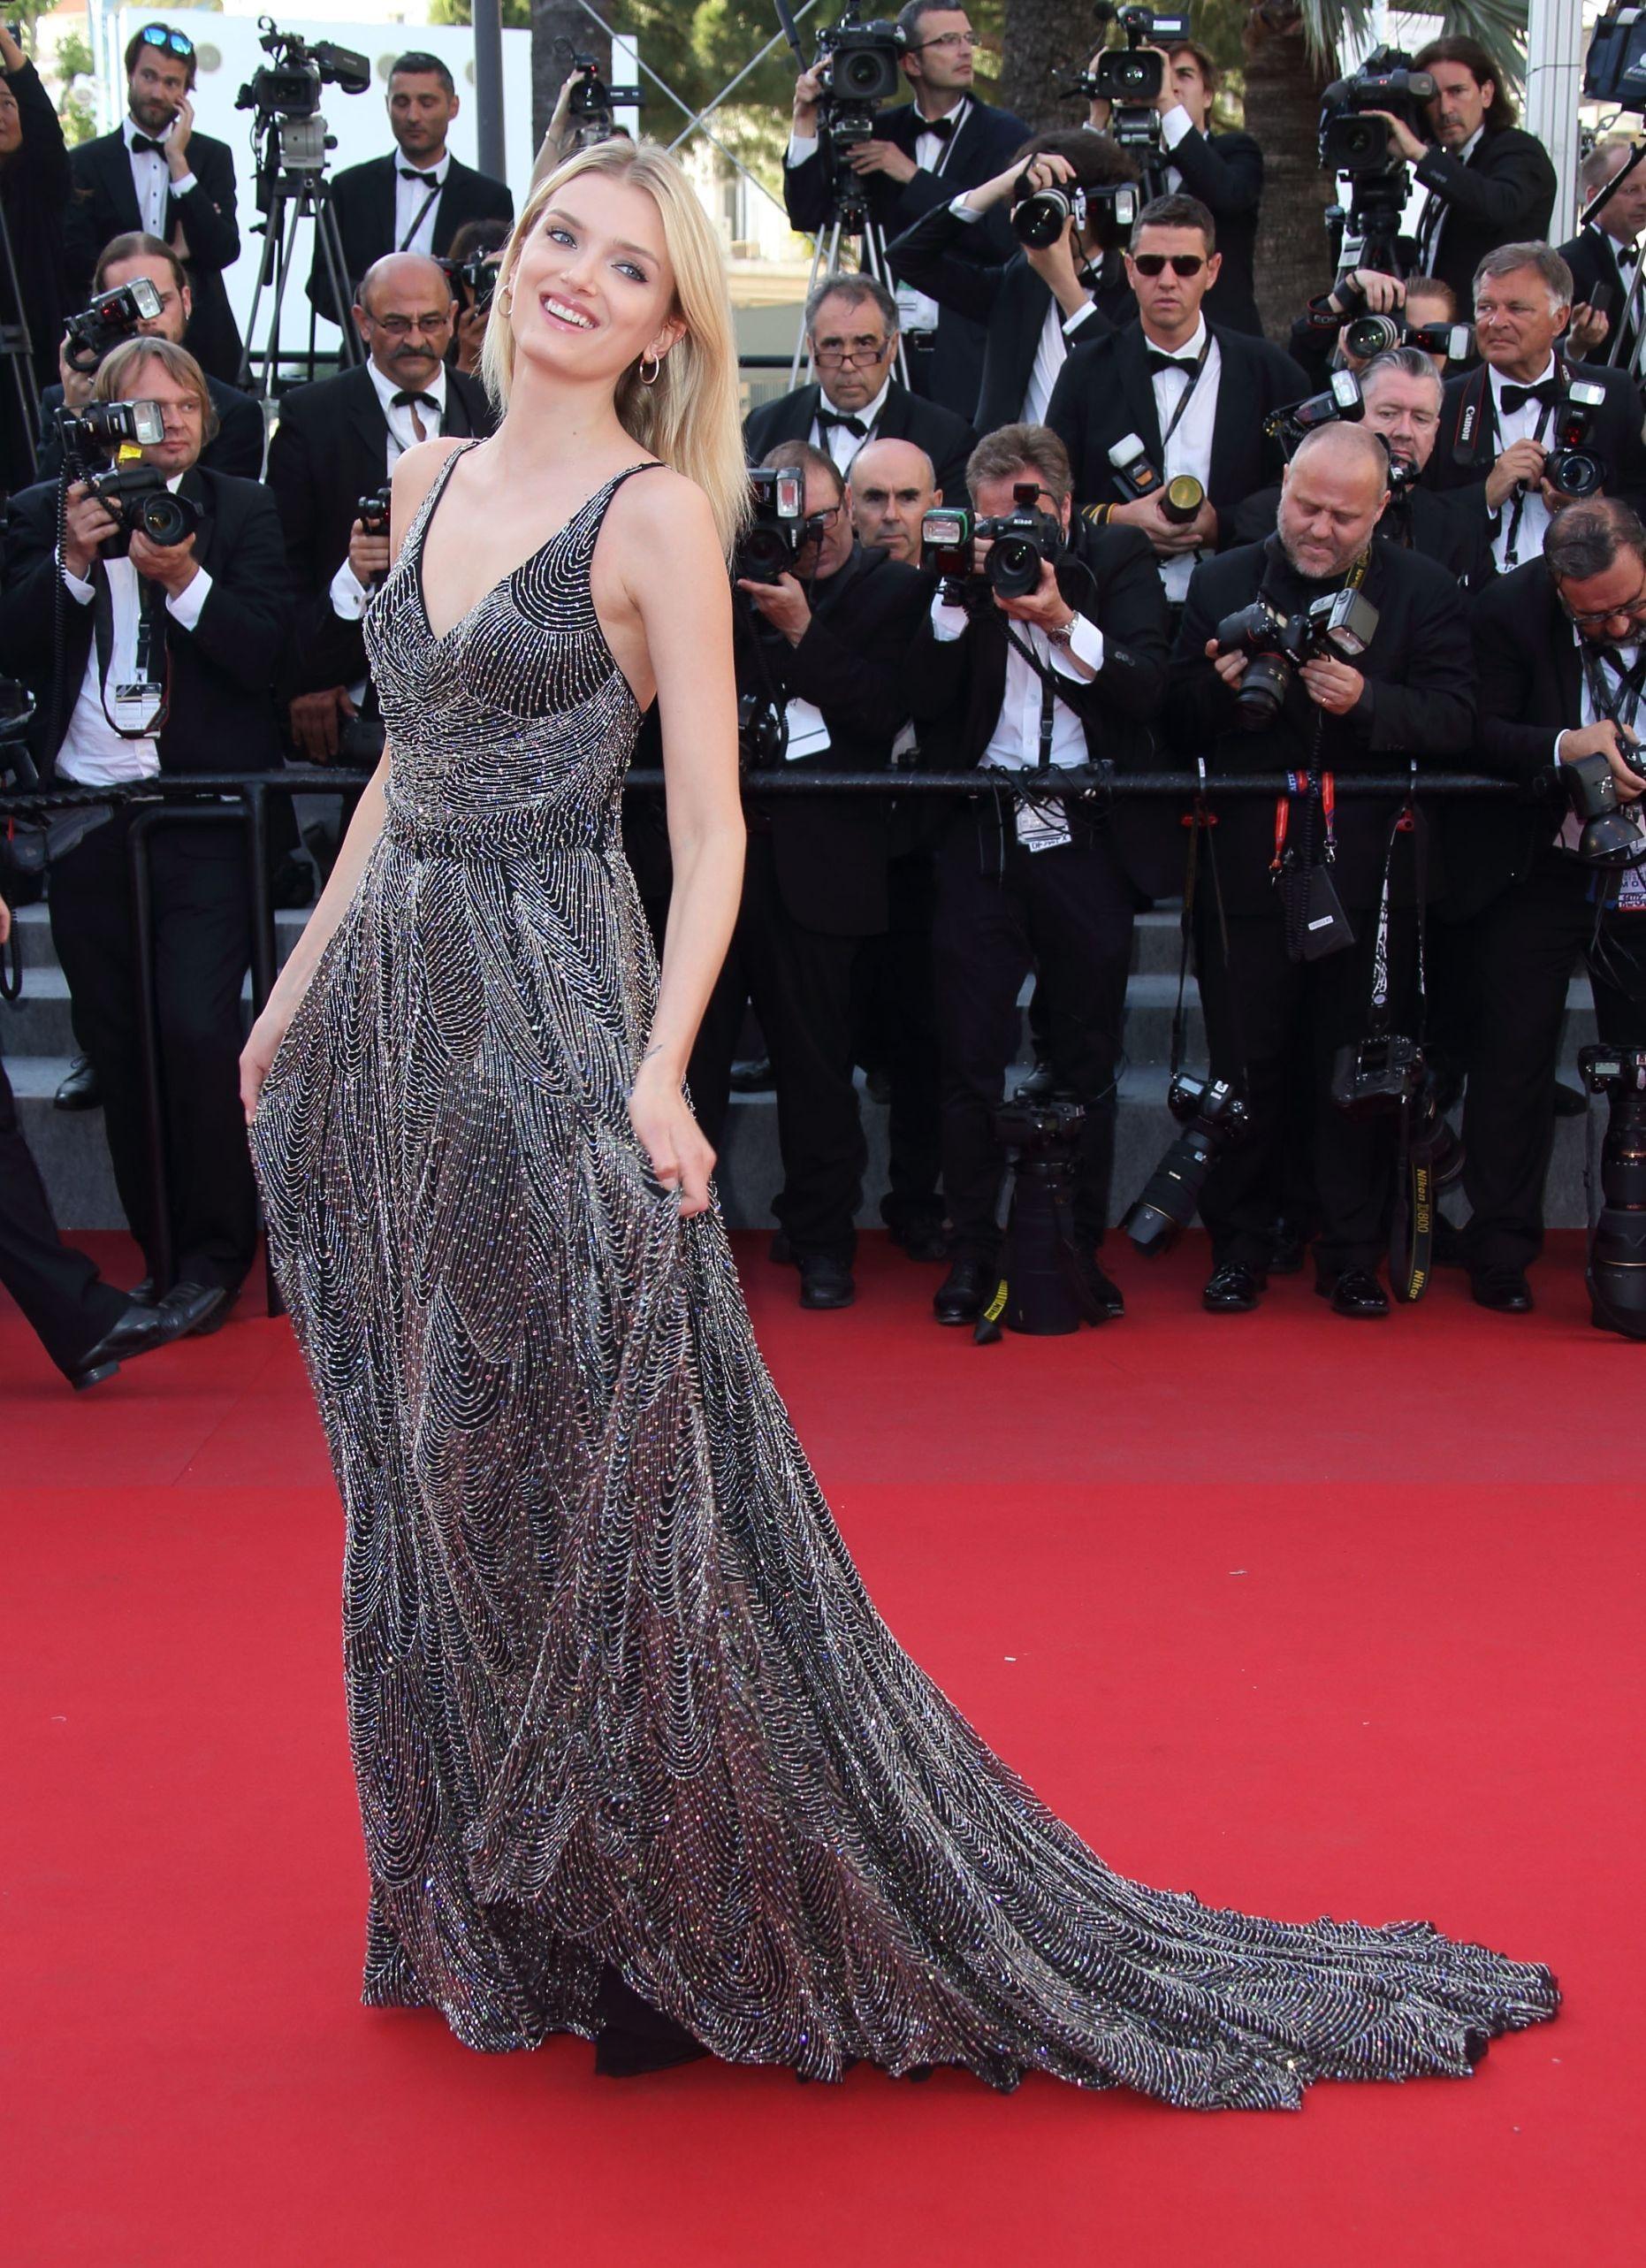 Đây chính là 16 bộ xiêm y đẹp không thể quên trong lịch sử thảm đỏ LHP Cannes - Ảnh 12.